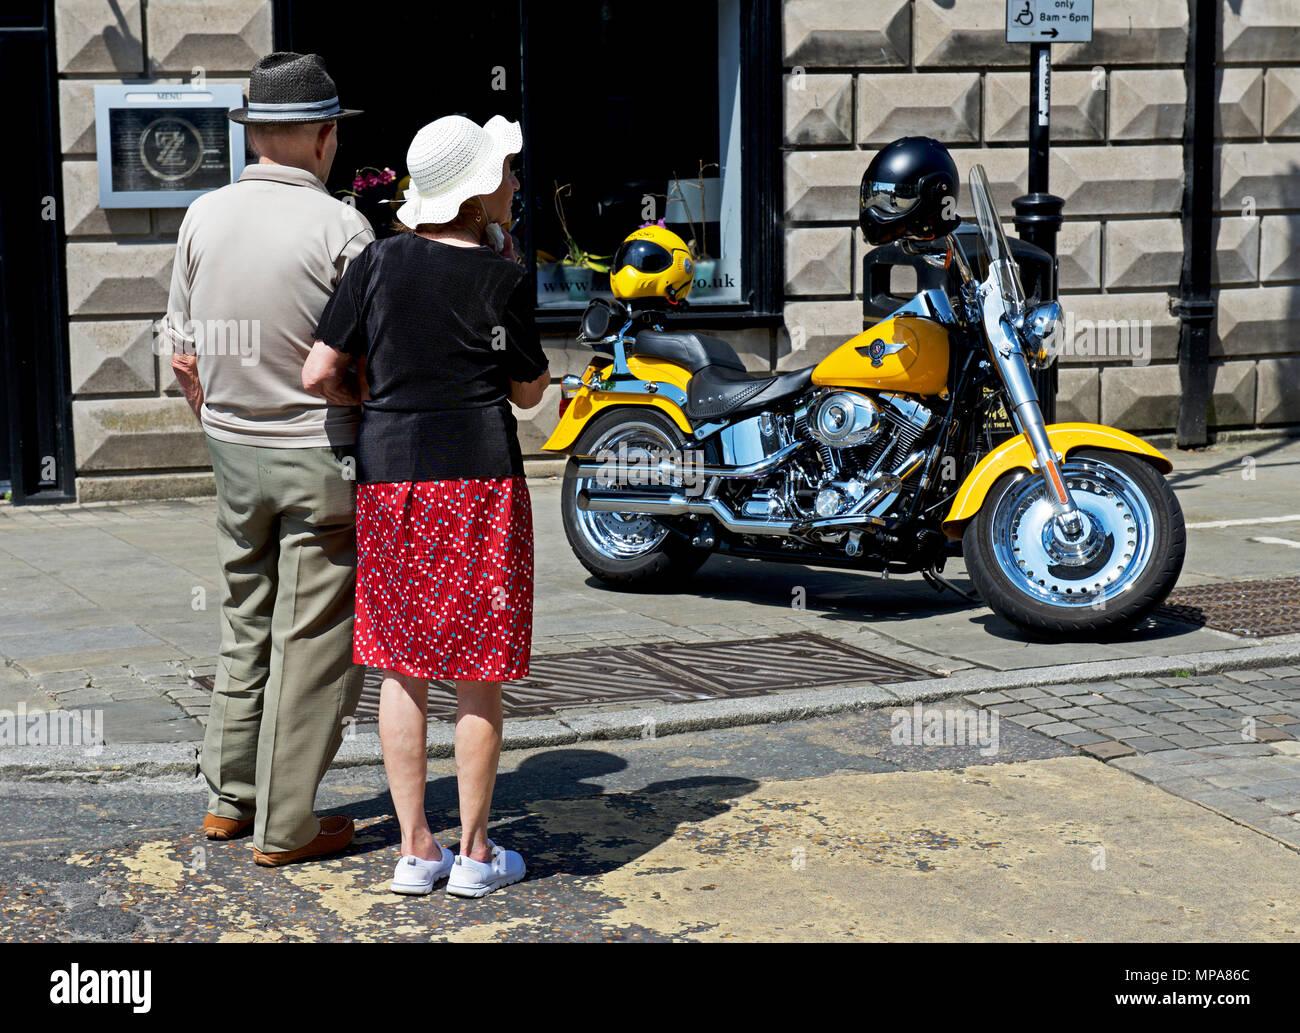 Senior couple admiring Harley Davidson motorbike, St Ives, Cambridgeshire, England UK - Stock Image